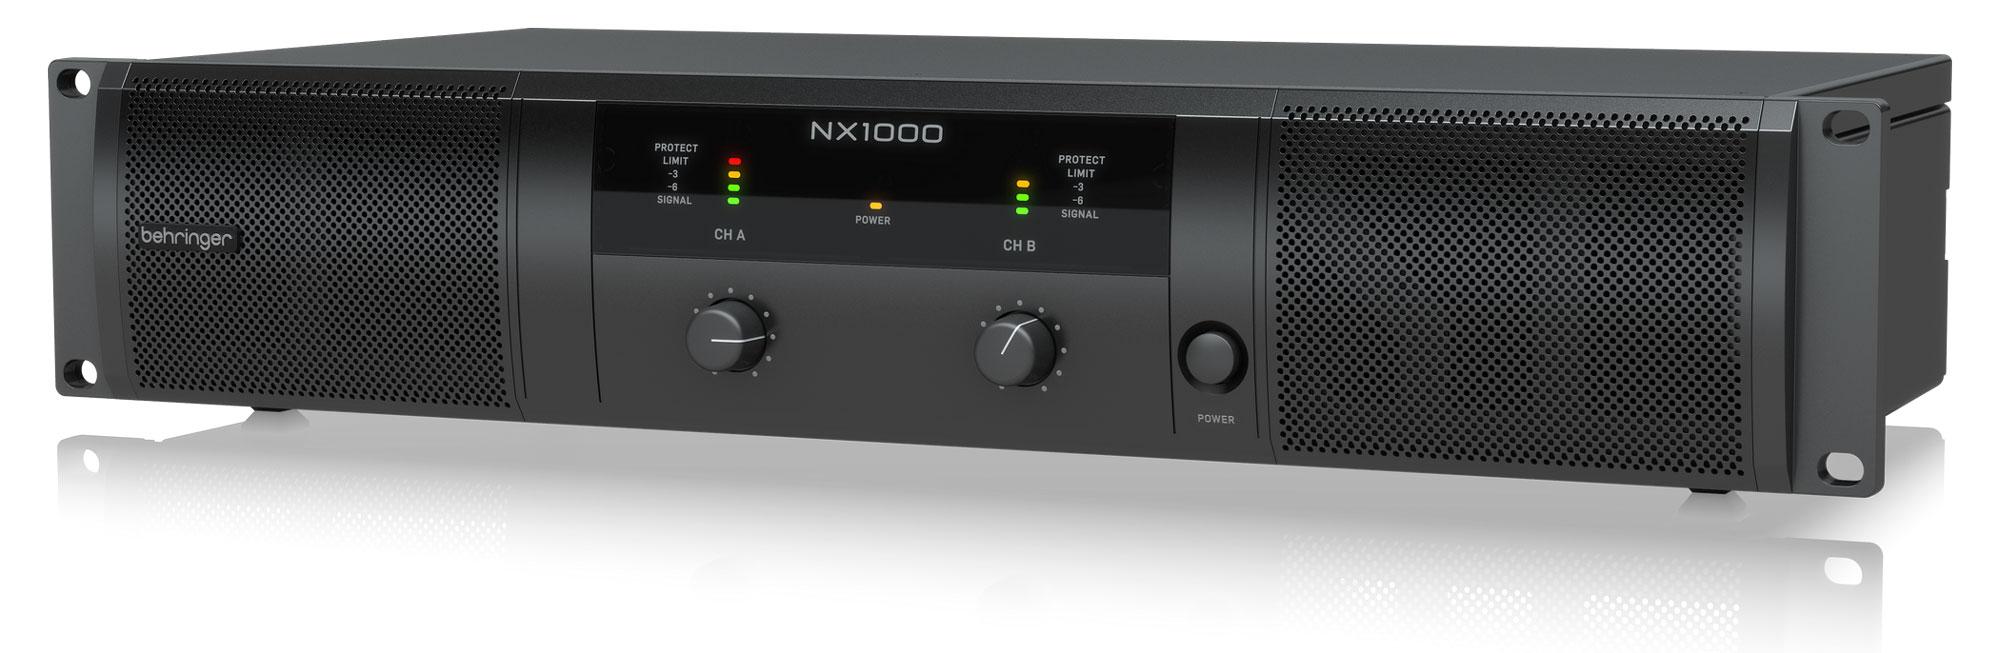 Paendstufen - Behringer NX1000 Endstufe Retoure (Zustand akzeptabel) - Onlineshop Musikhaus Kirstein